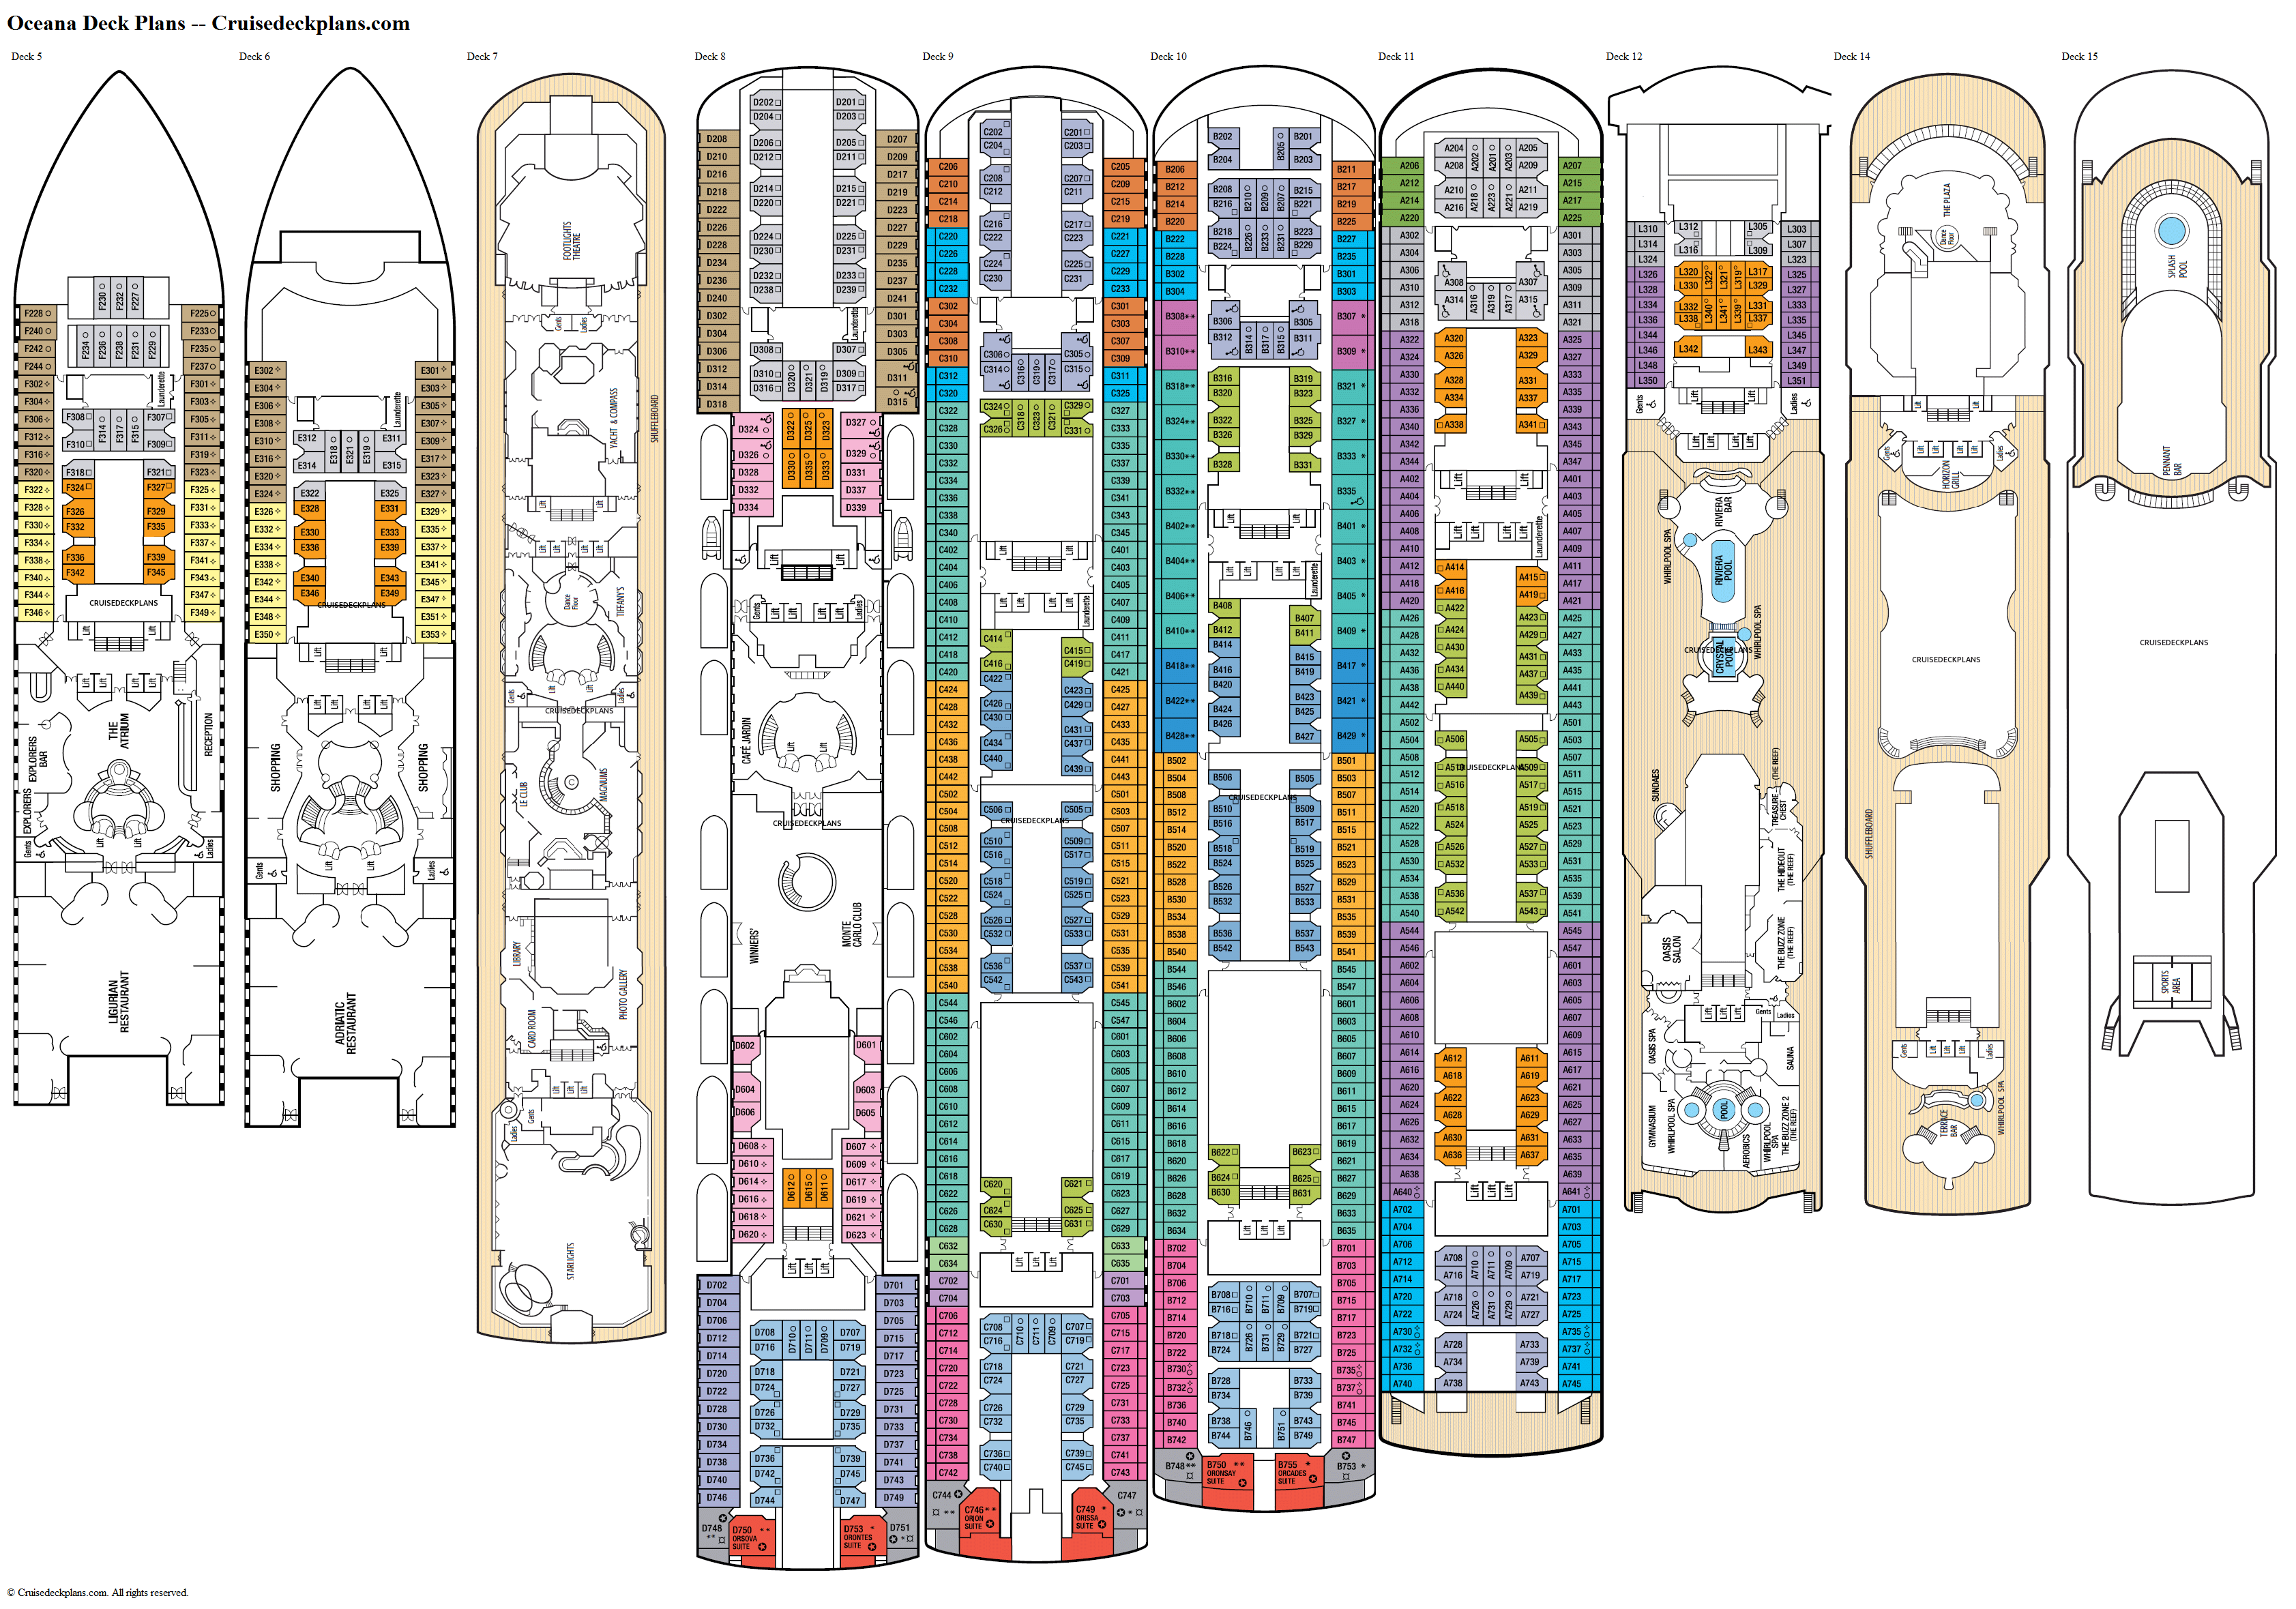 Oceana Deck 11 Deck Plan Tour